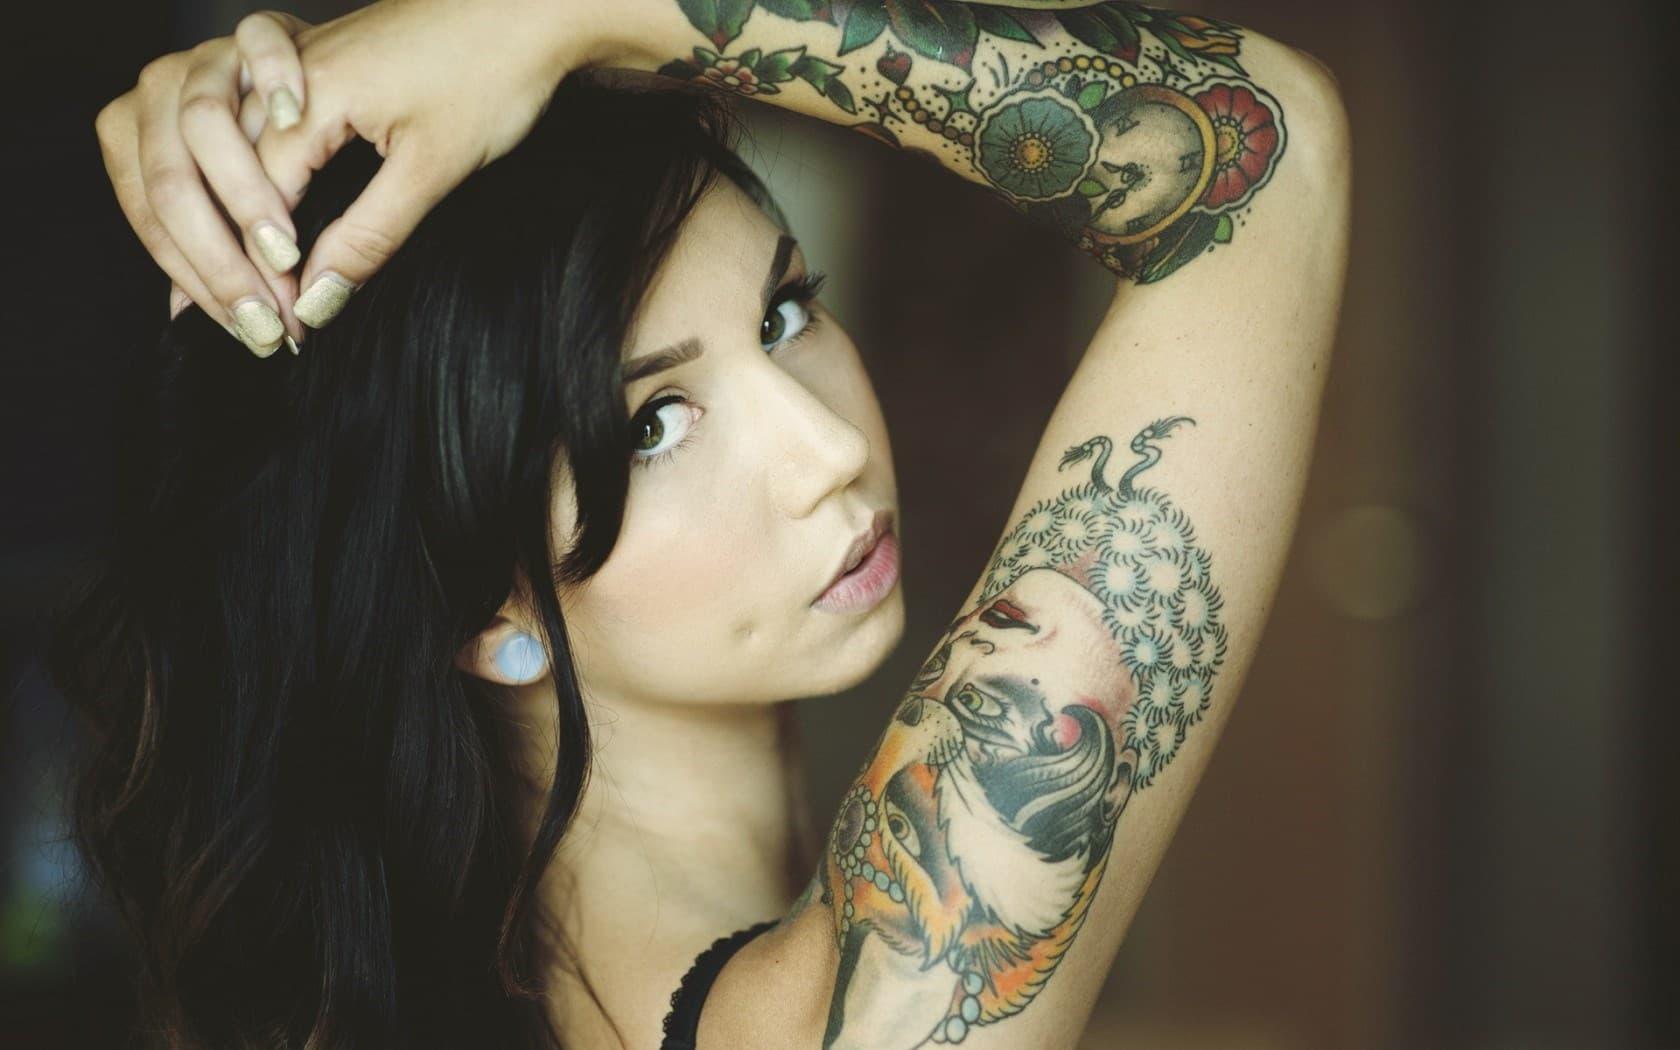 Татуировка - угроза здоровью